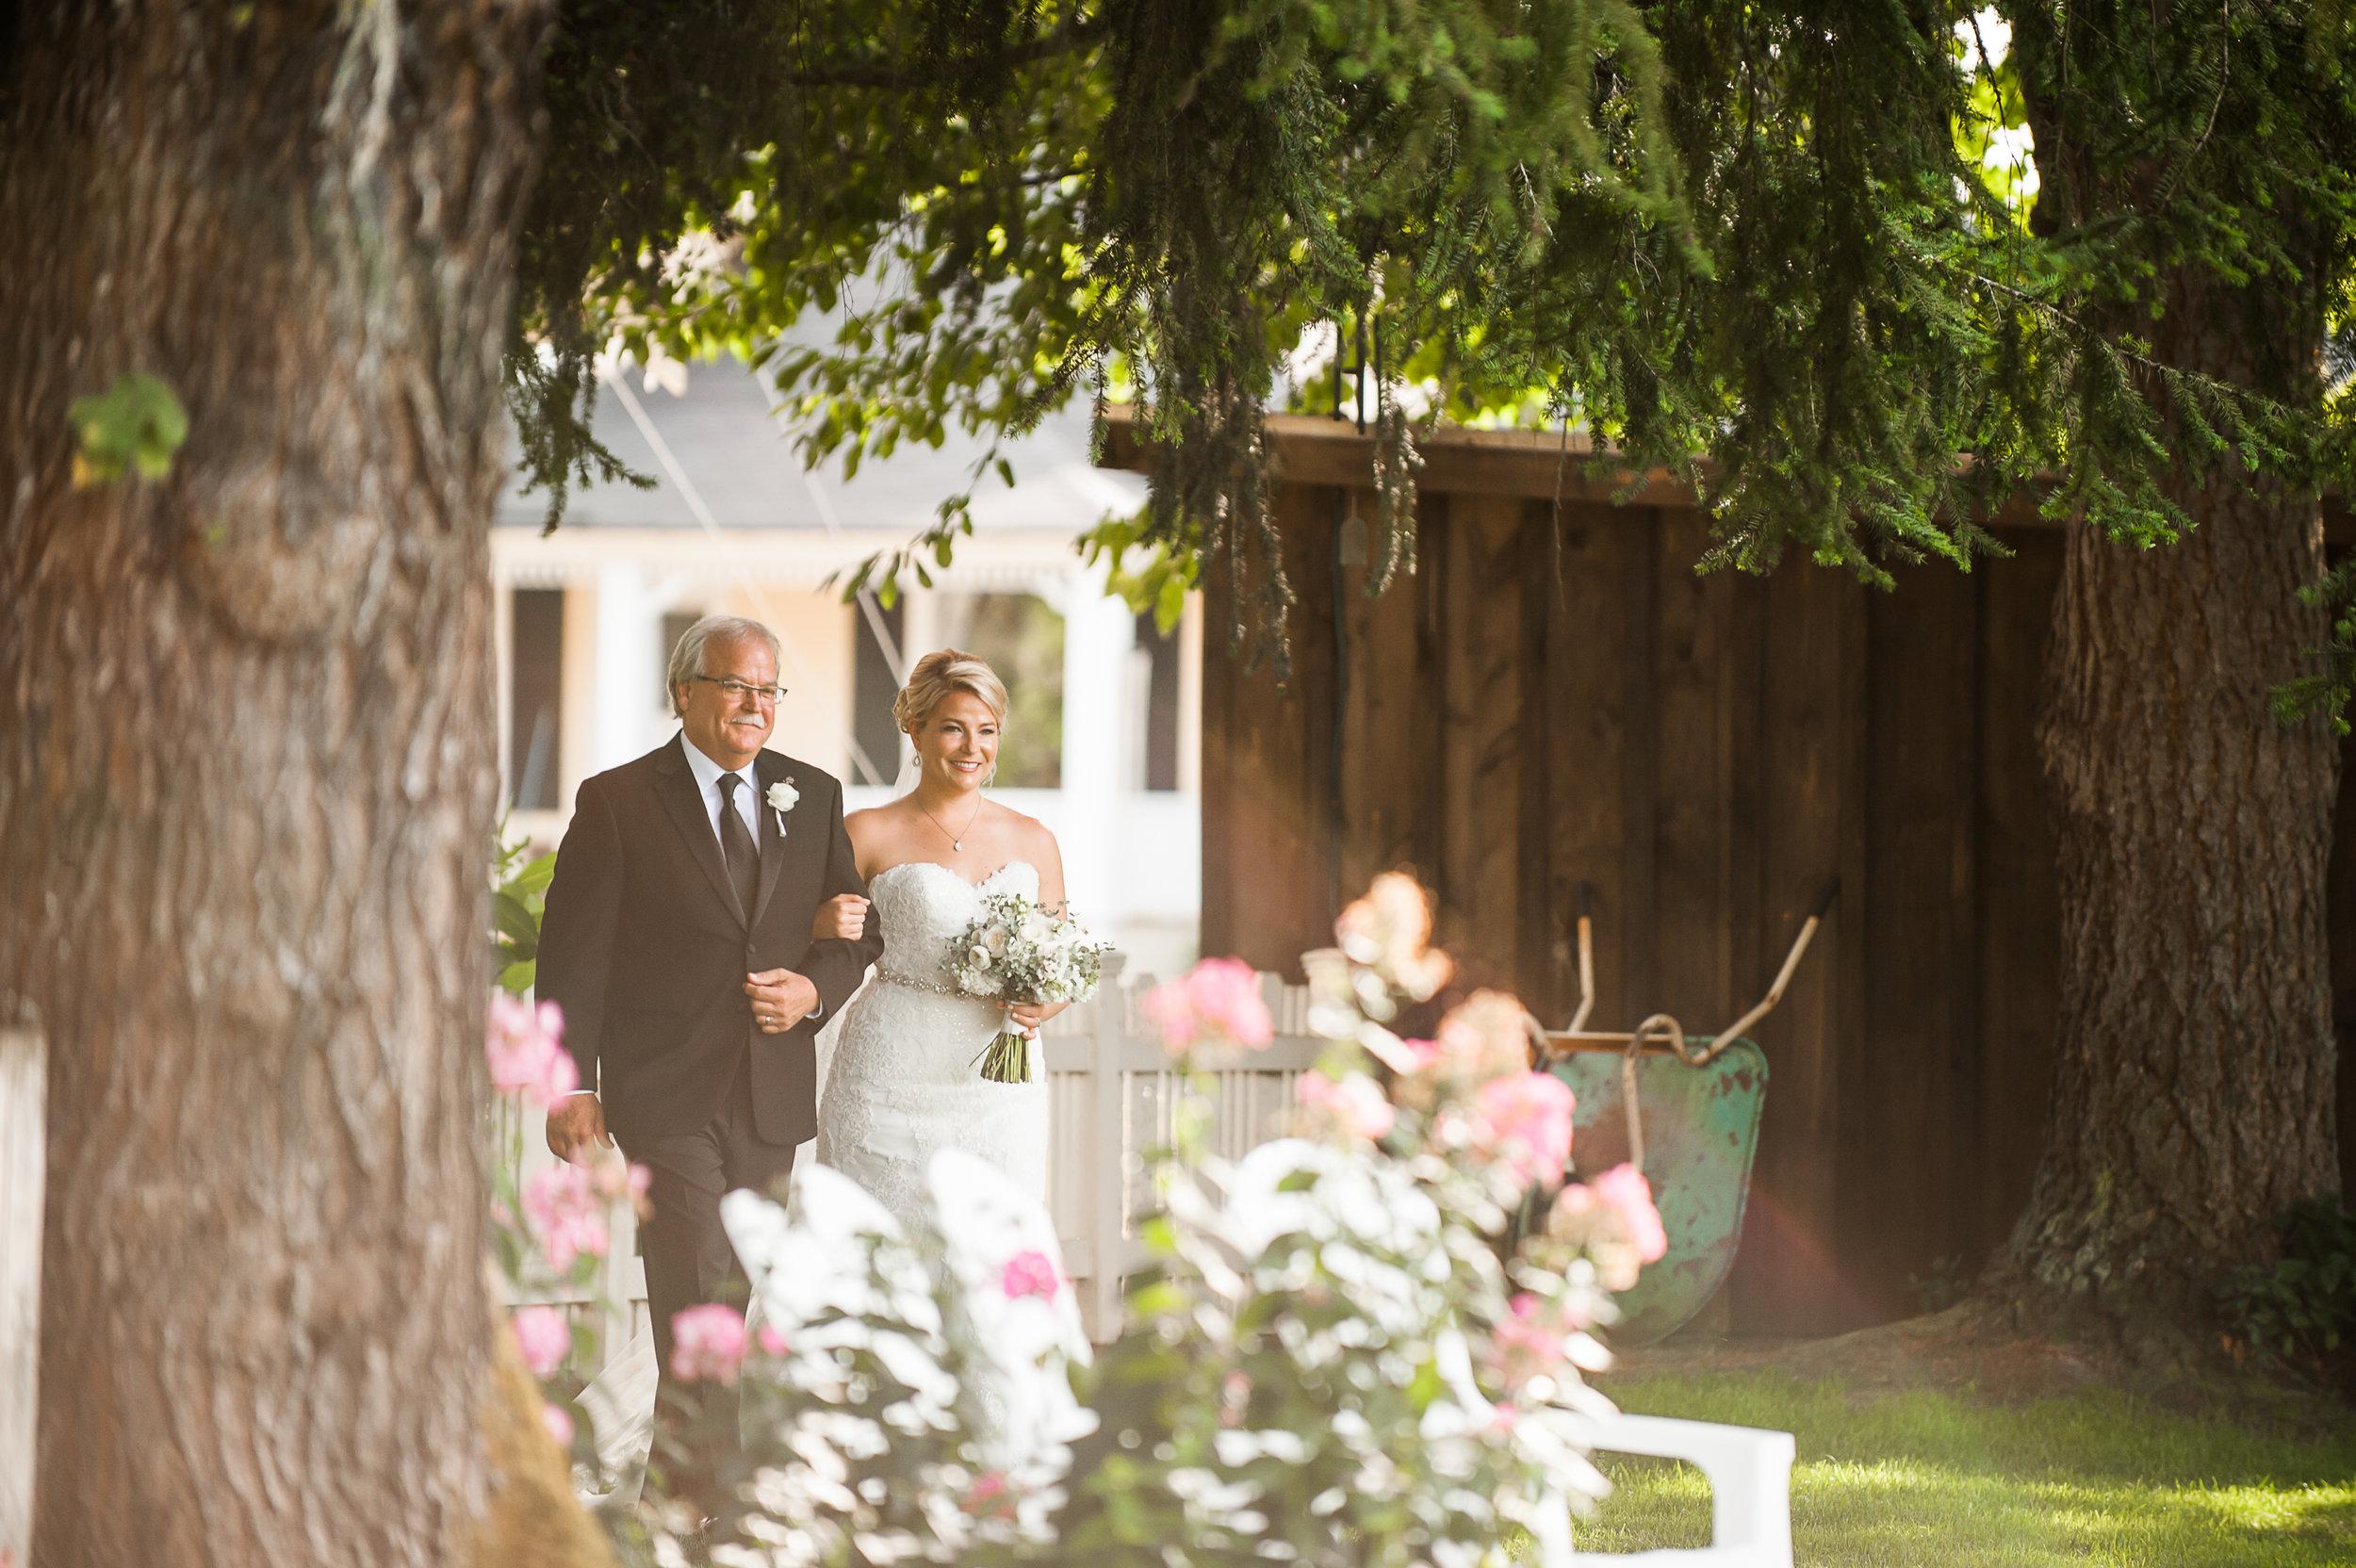 HA-wedding-Van-Wyhe-Photography-357.jpg